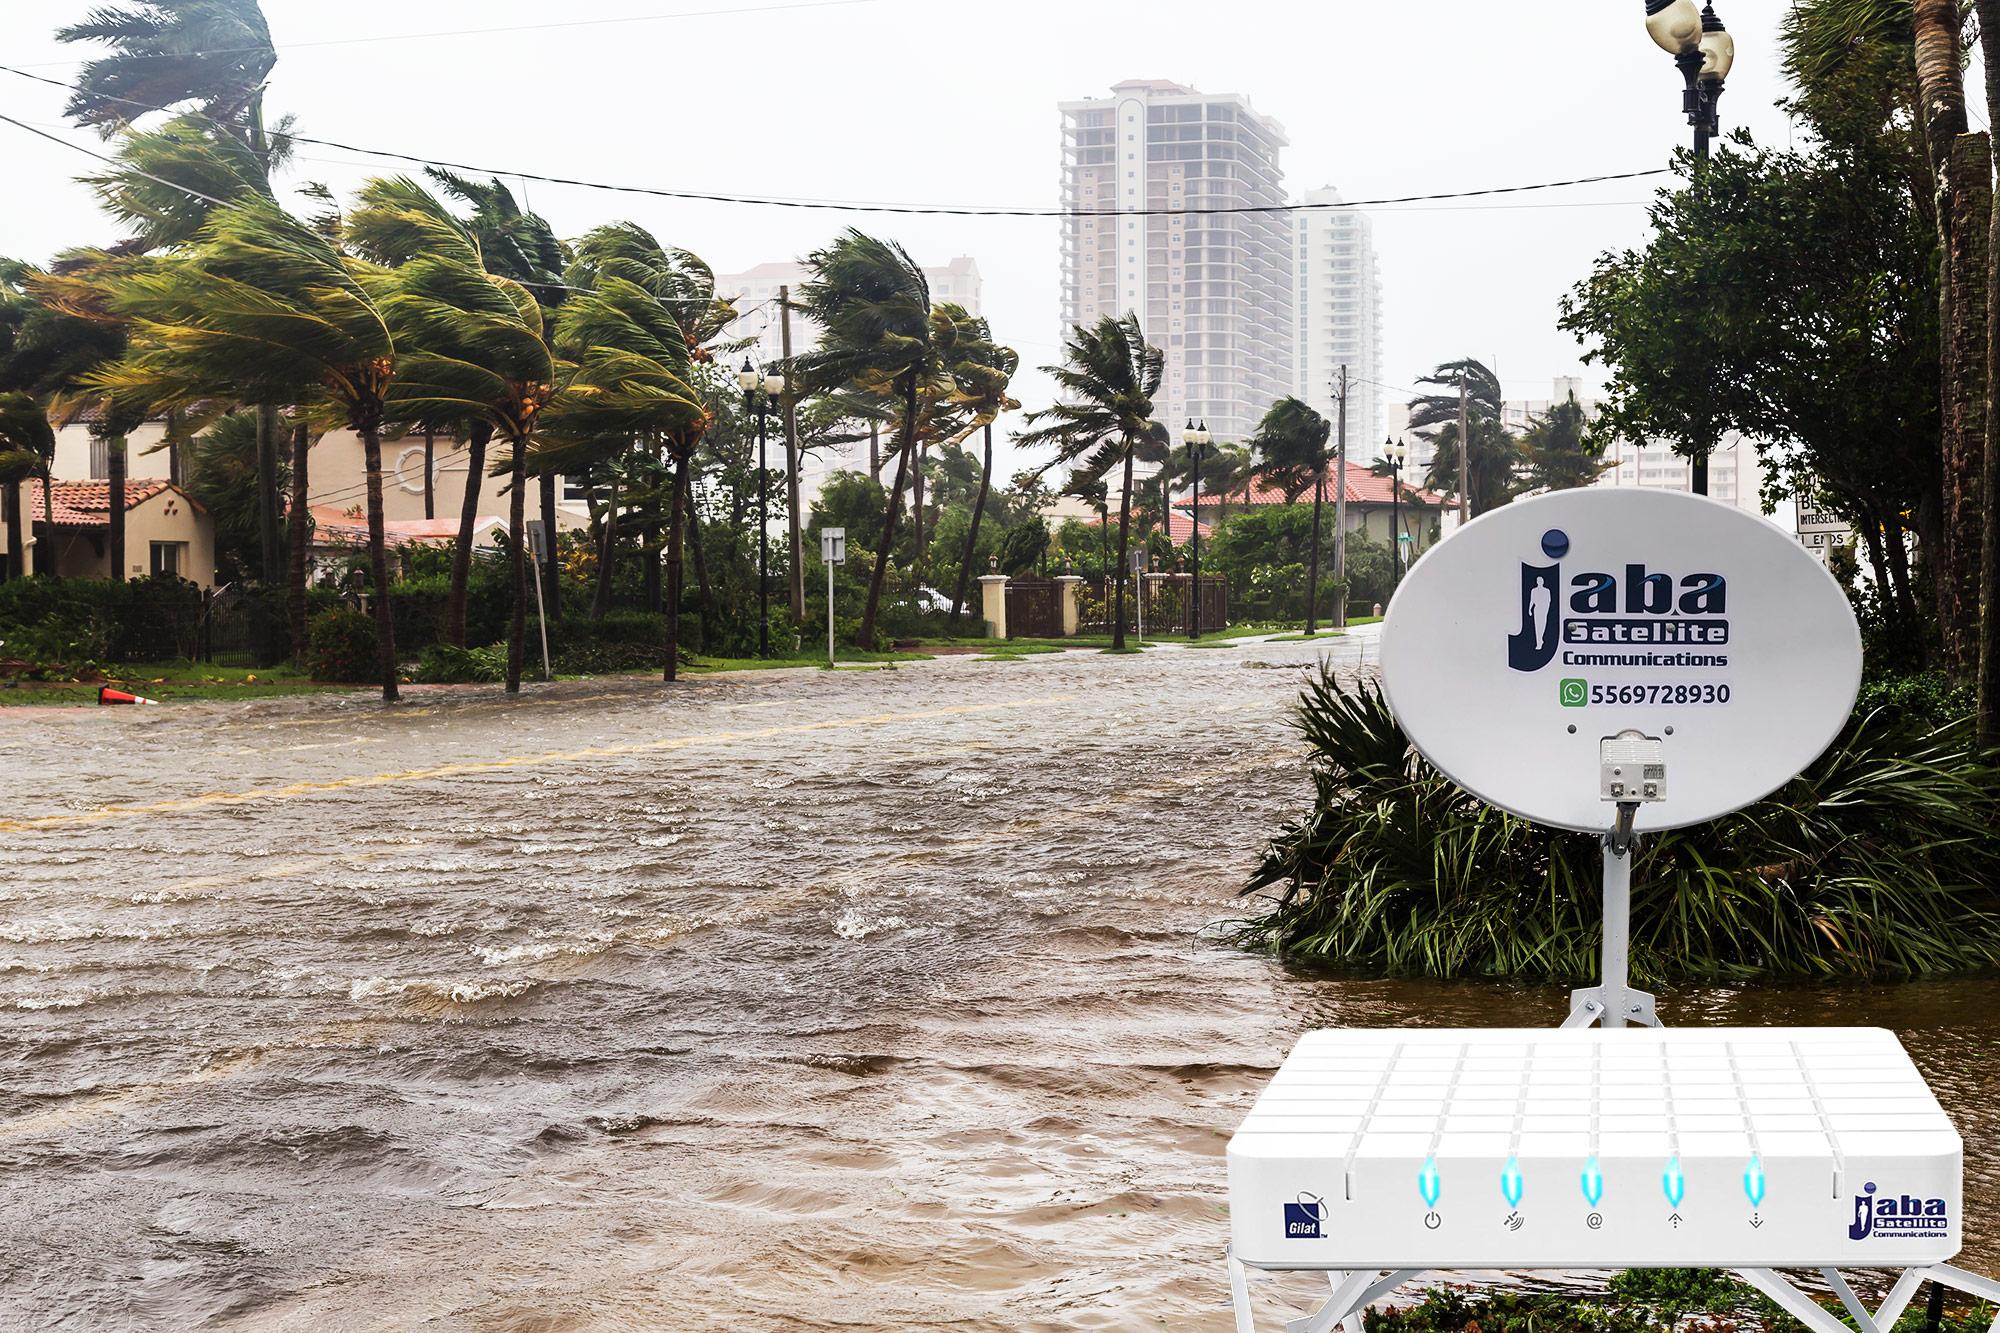 jabasat enlaces satelitales situciones criticas